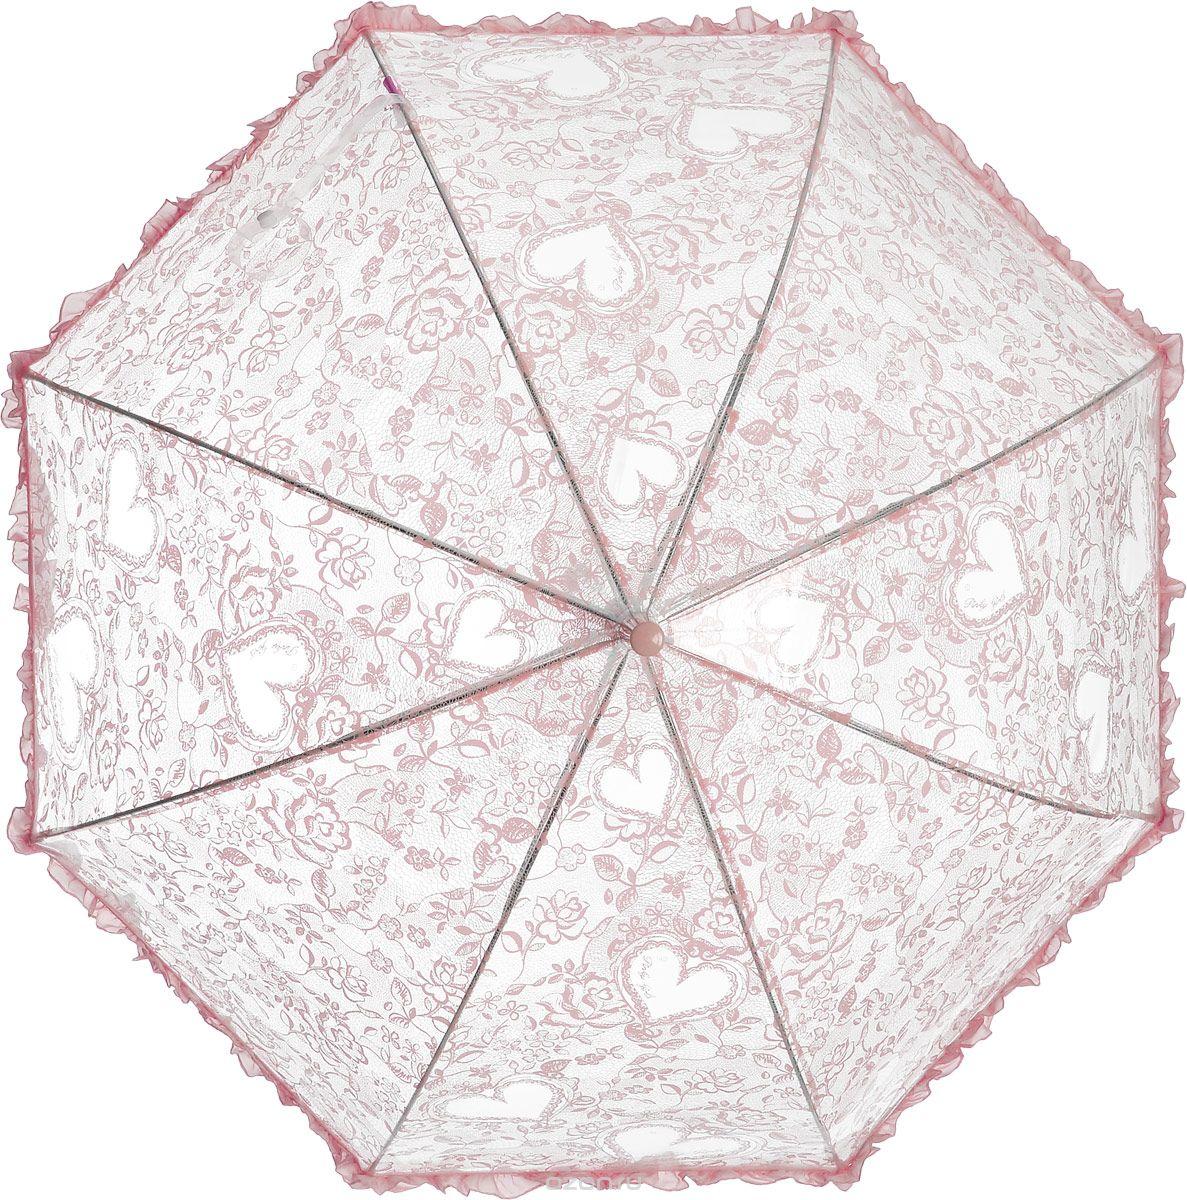 Зонт детский Airton, механический, трость, цвет: прозрачный, розовый. 1651-03